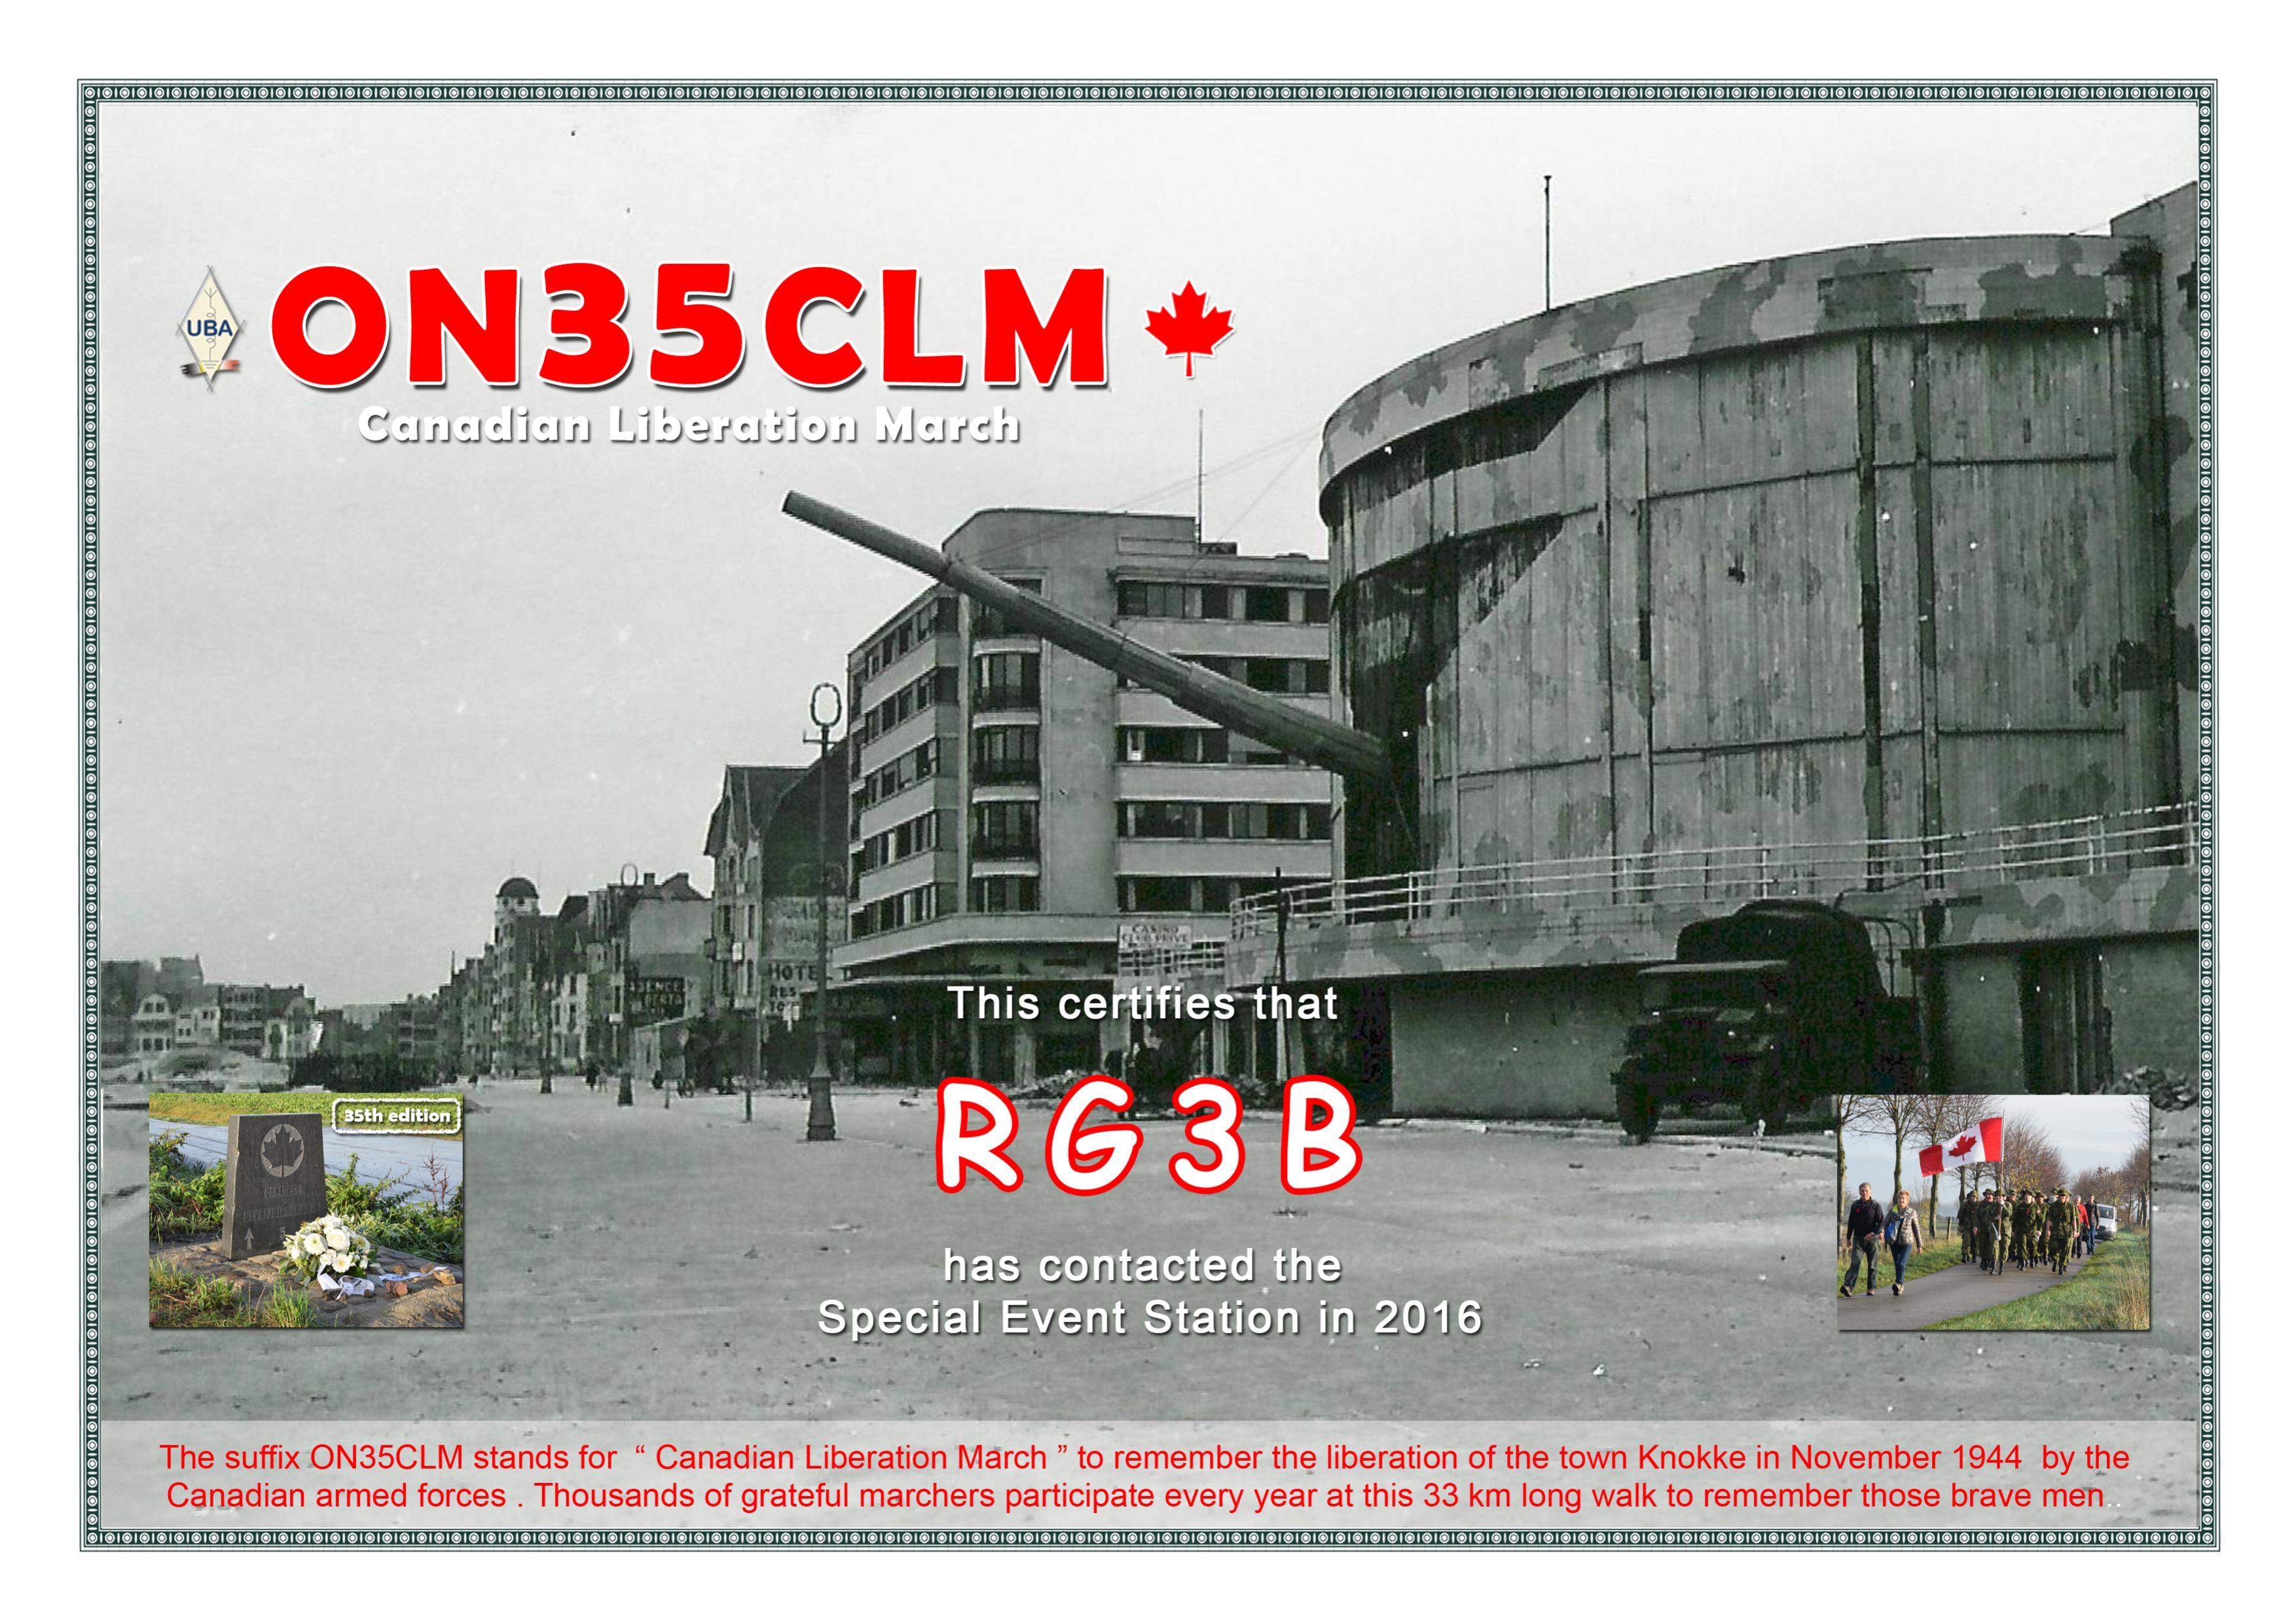 Нажмите на изображение для увеличения.  Название:RG3B=ON35CLM.jpg Просмотров:7 Размер:869.6 Кб ID:215528